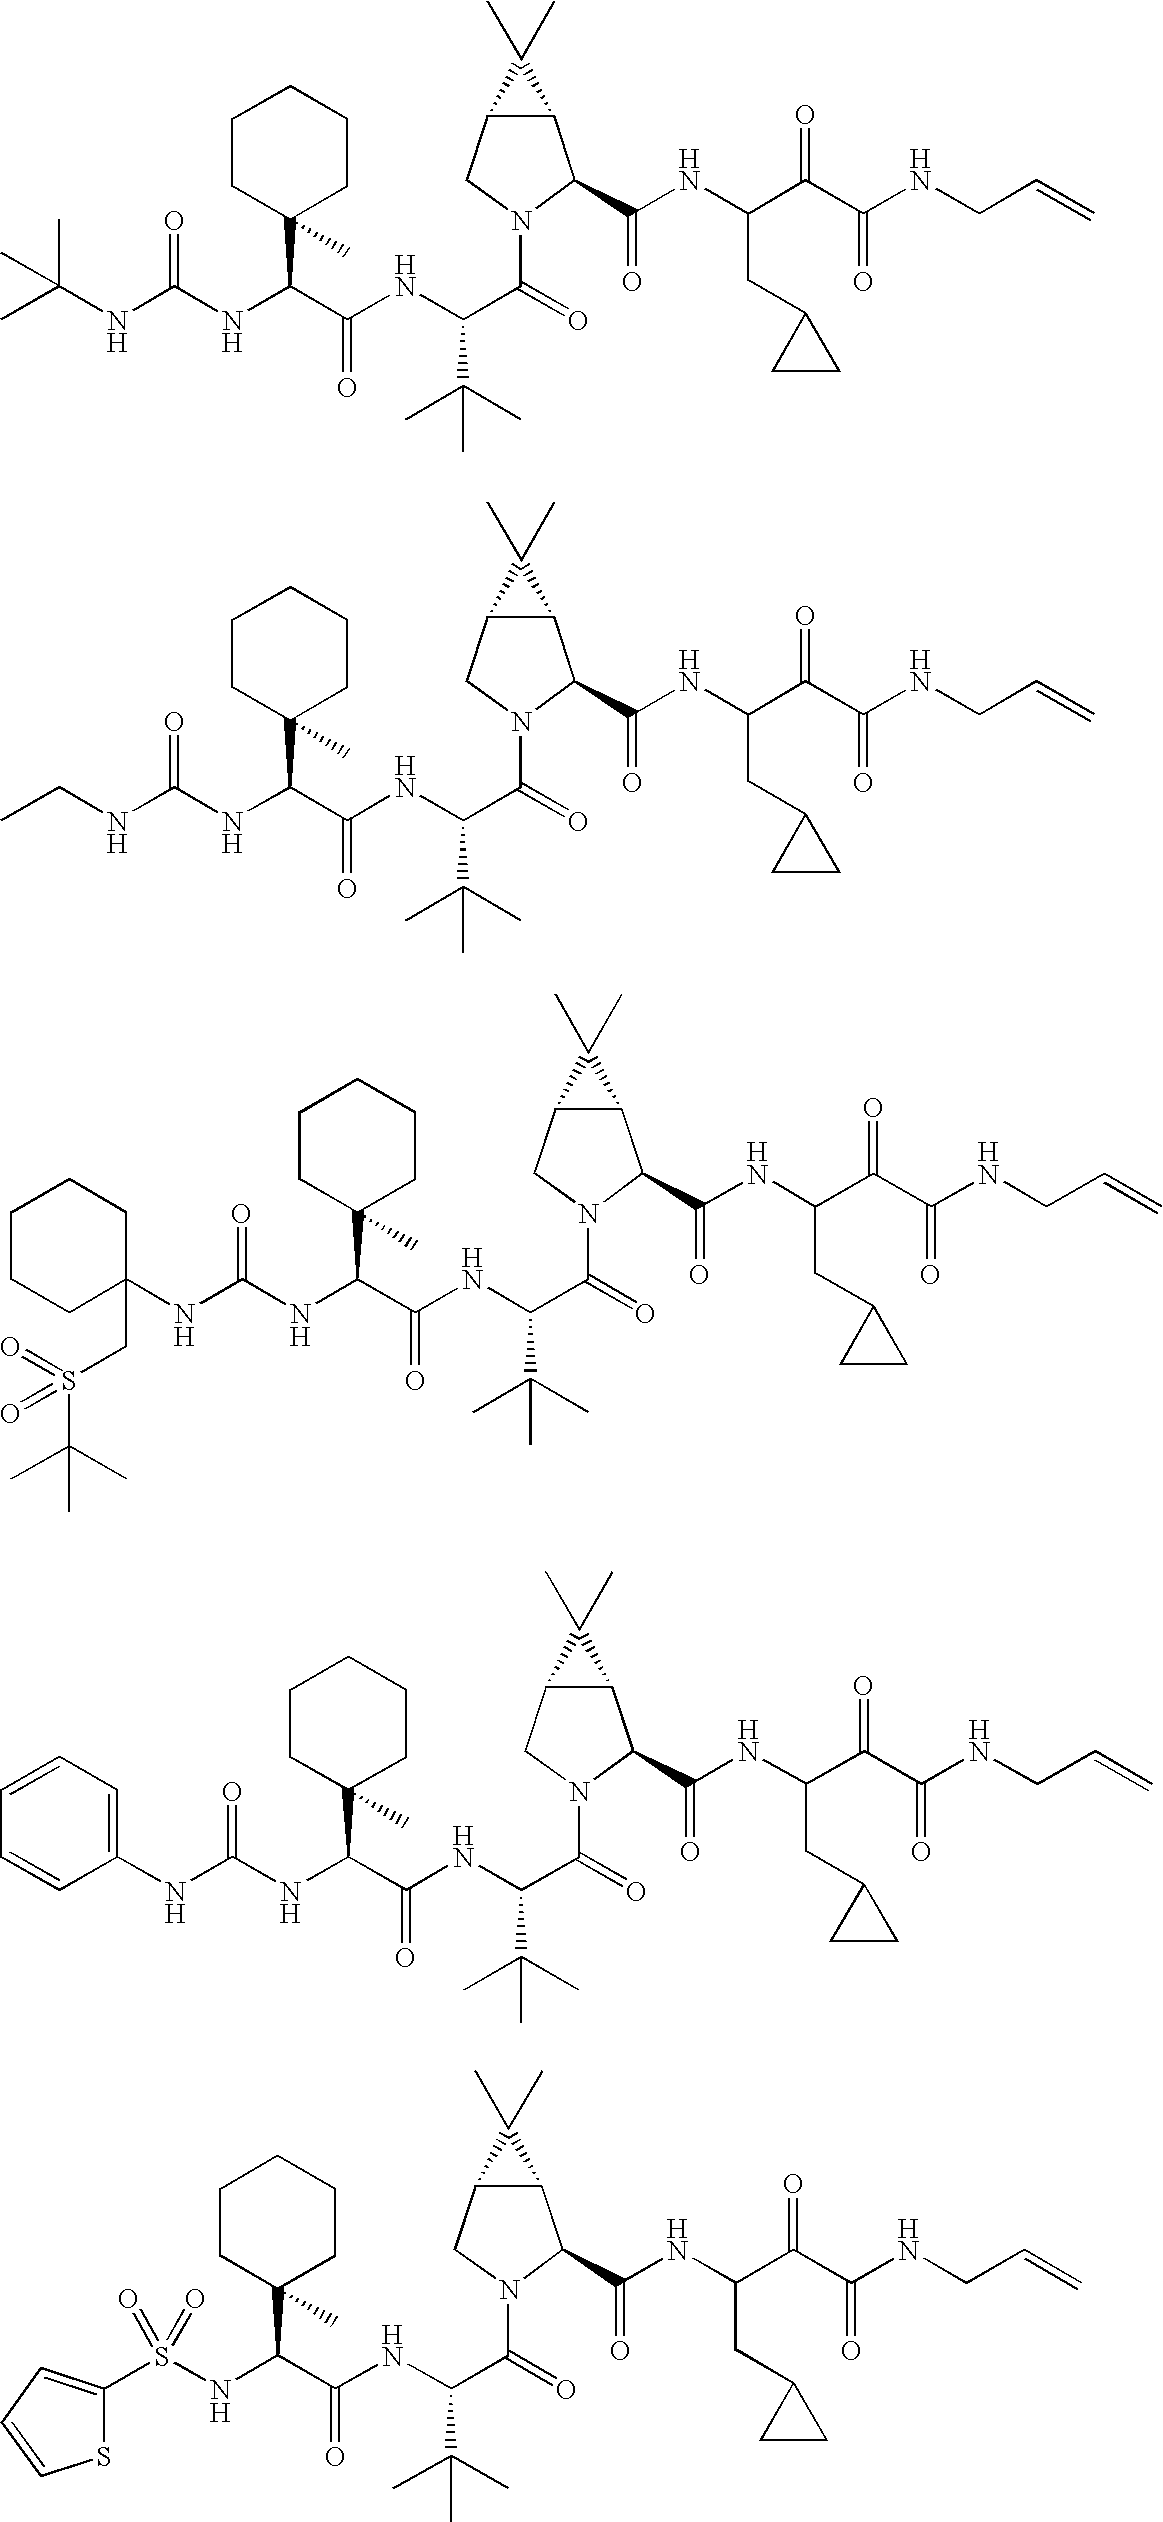 Figure US20060287248A1-20061221-C00492